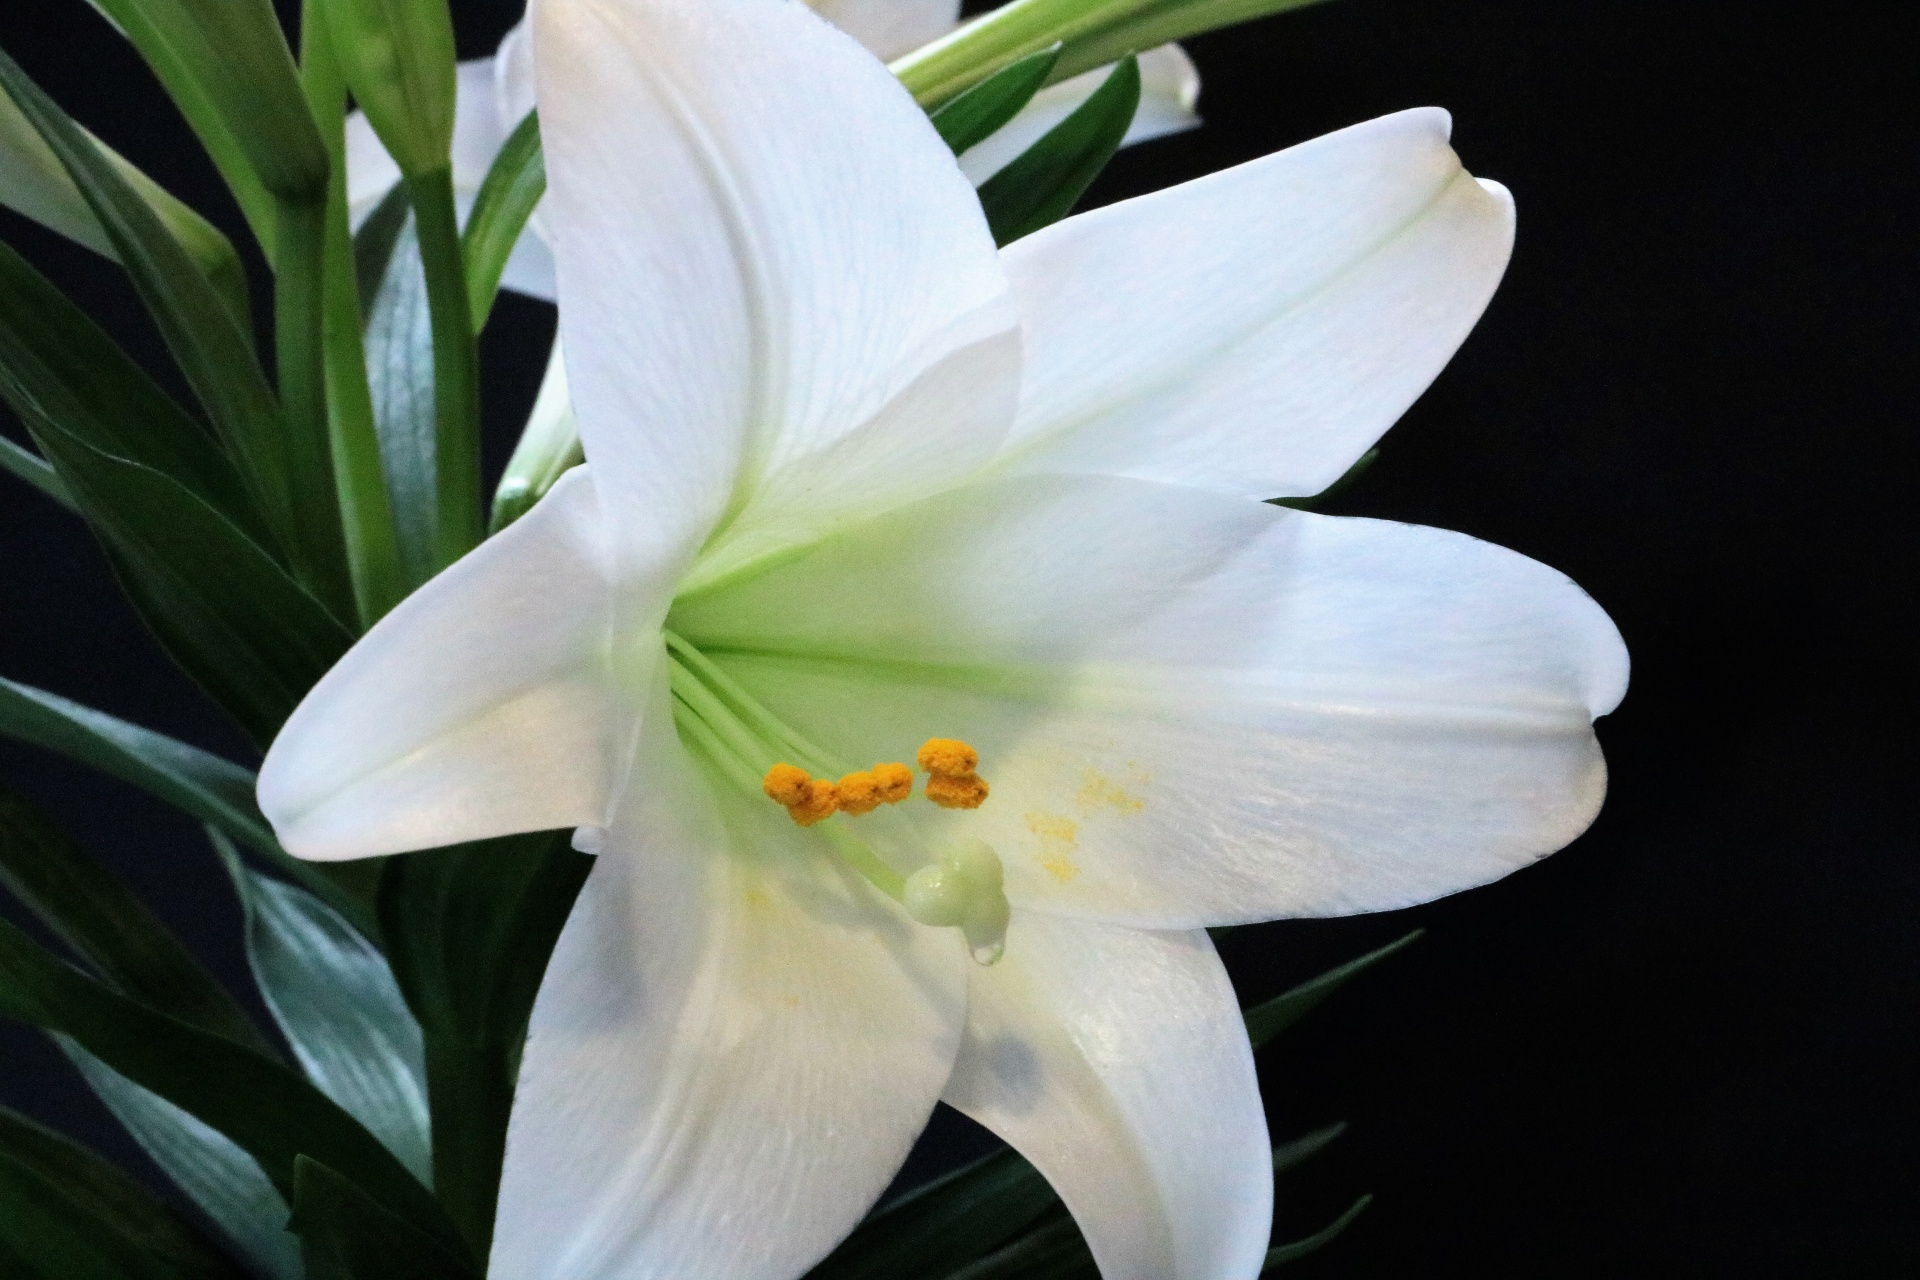 Natureplantsflowersflorawhite Free Photo From Needpix